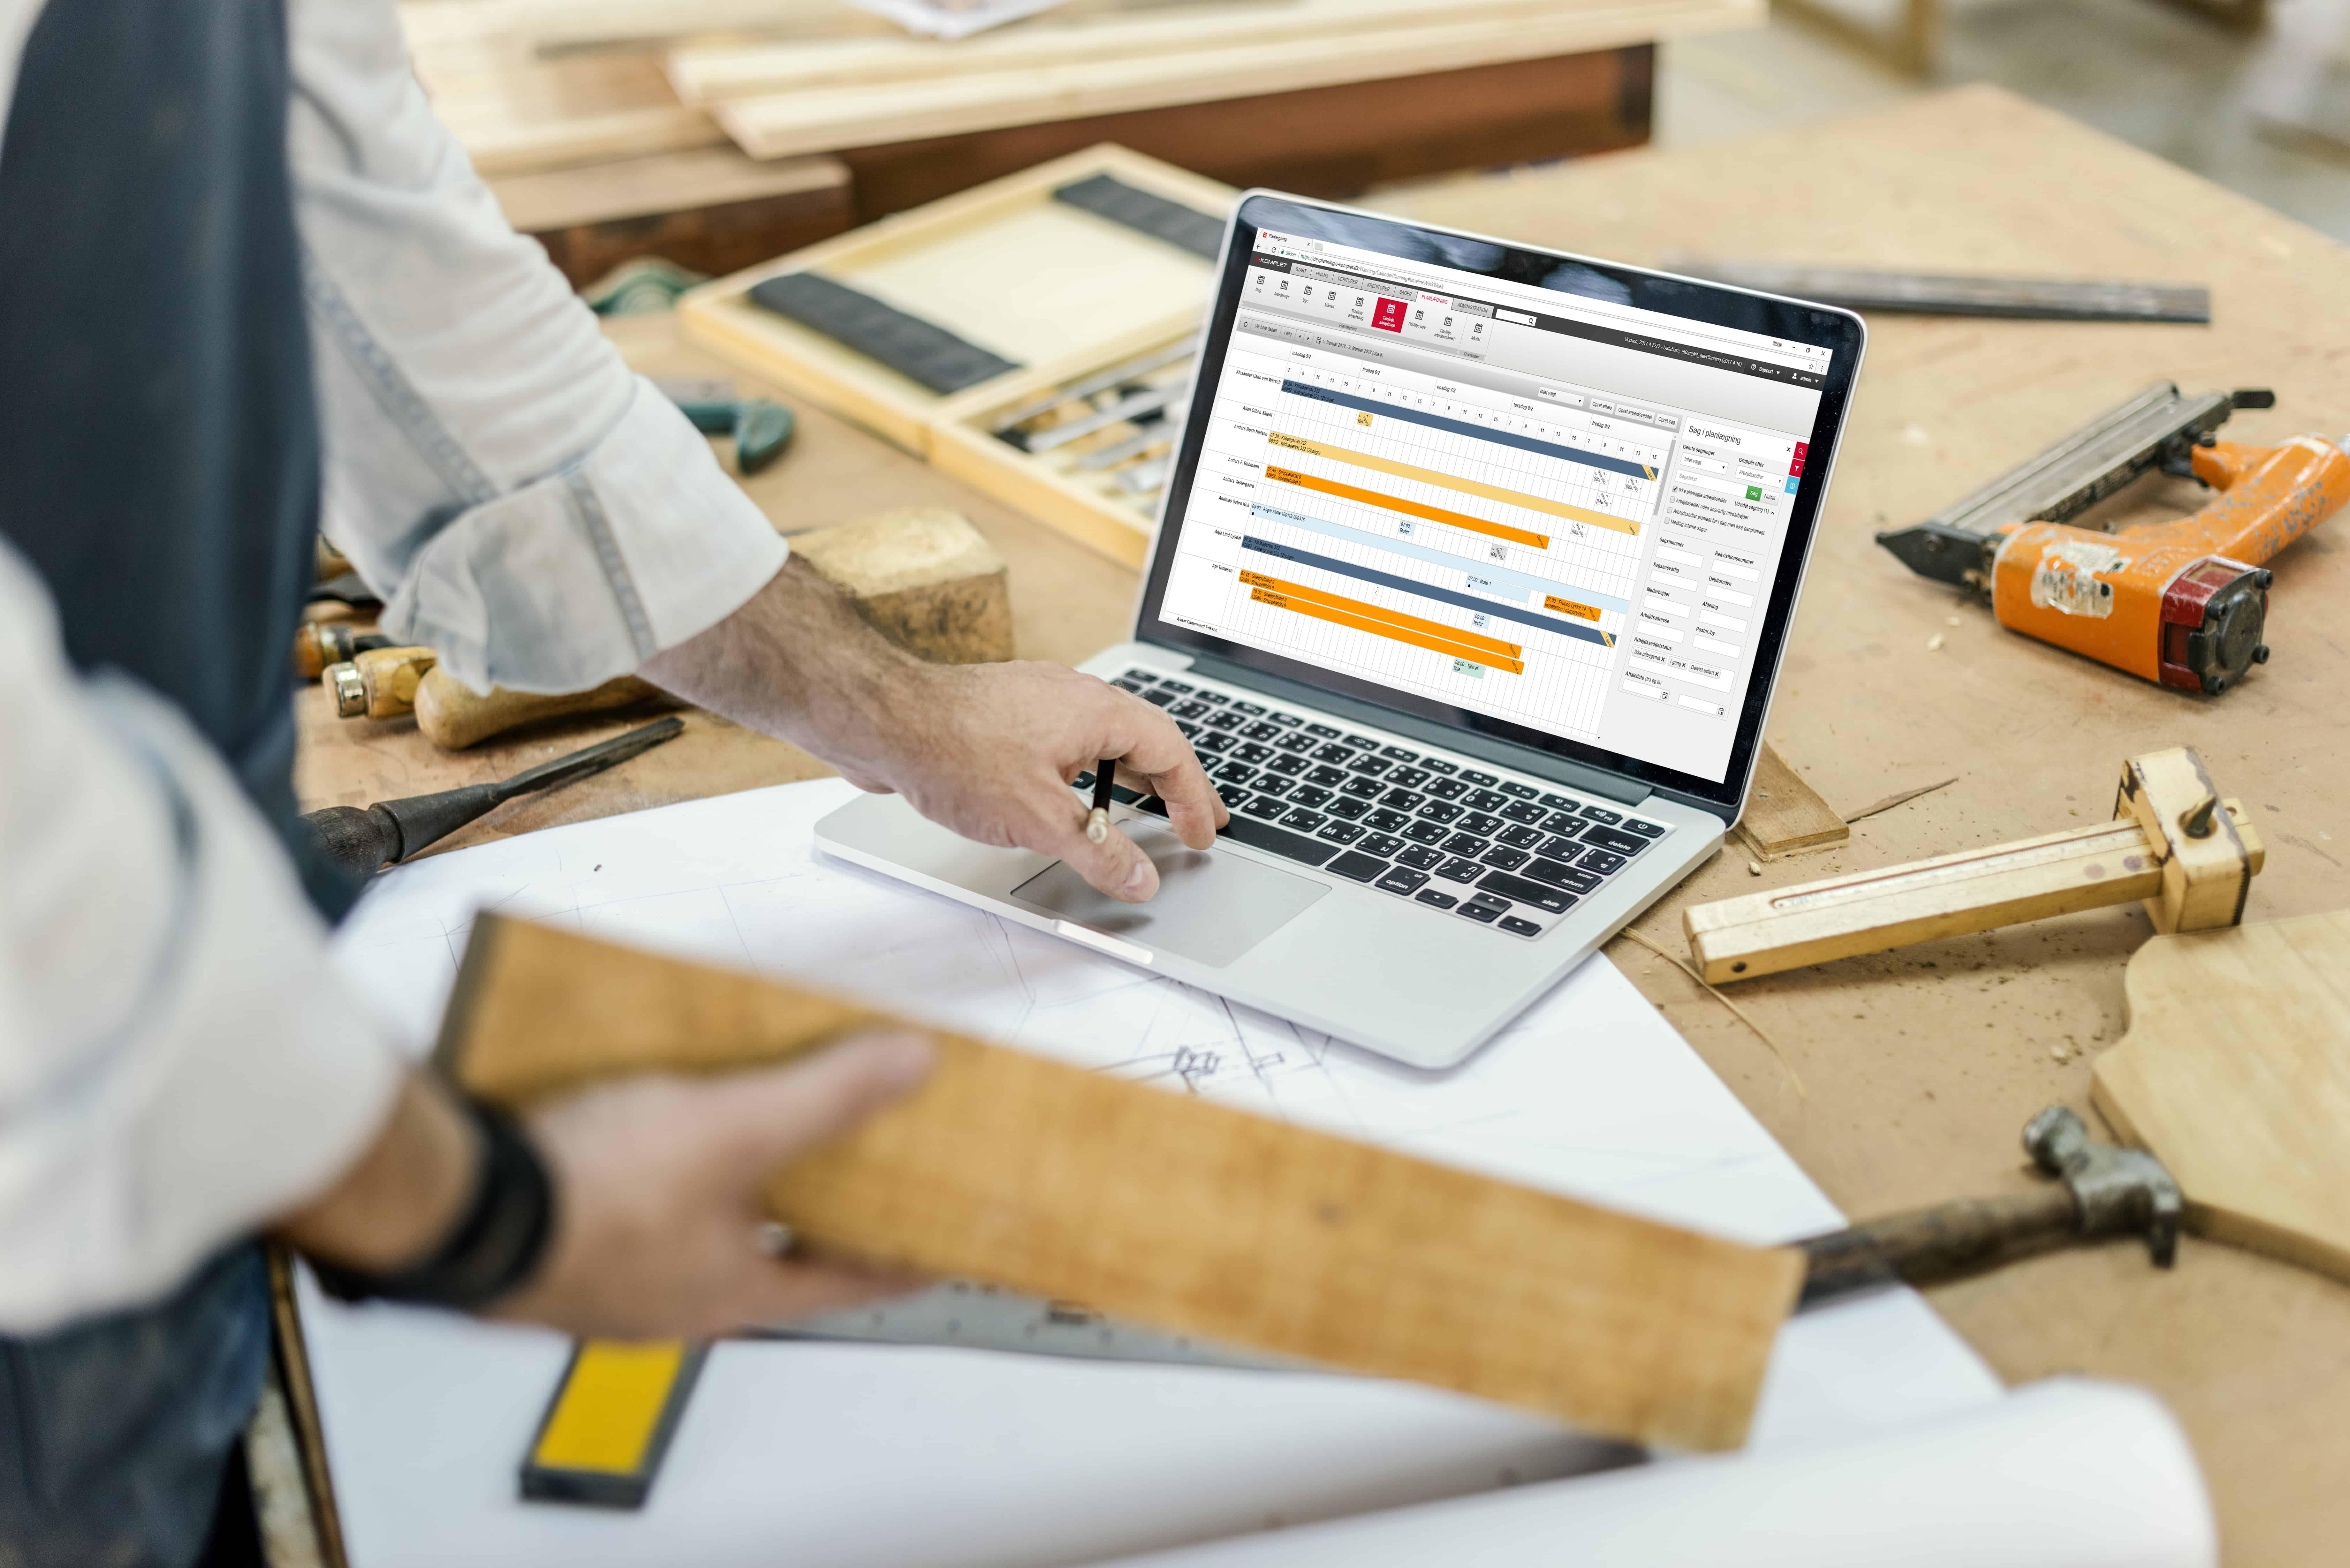 Tømrer bruger E-Komplet på computer